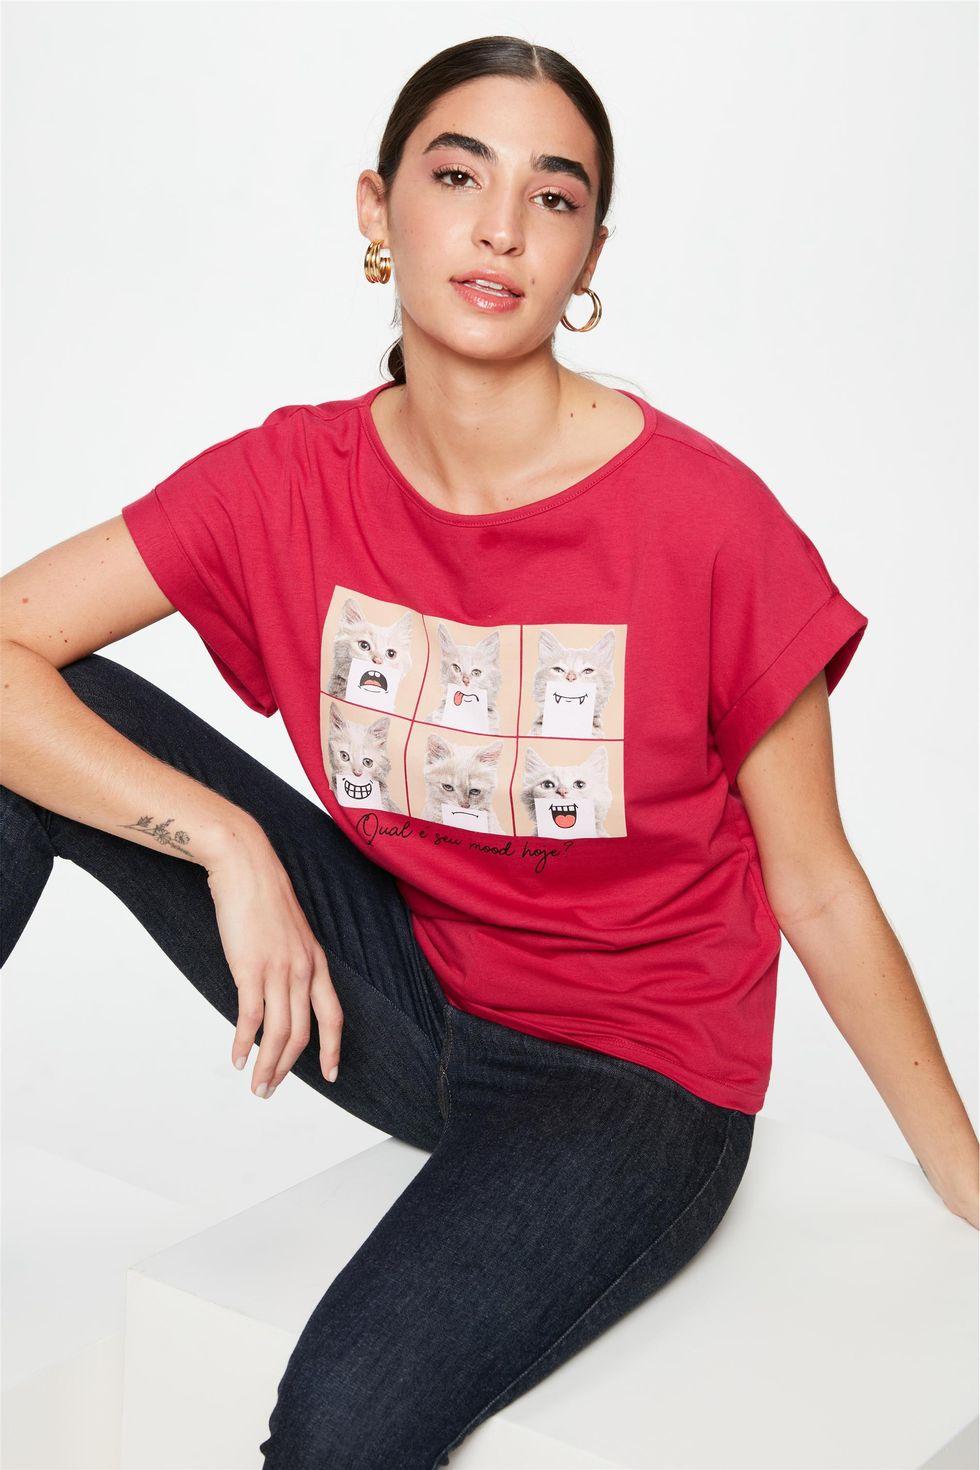 Camiseta-Estampa-Qual-e-seu-Mood-Hoje-Frente--